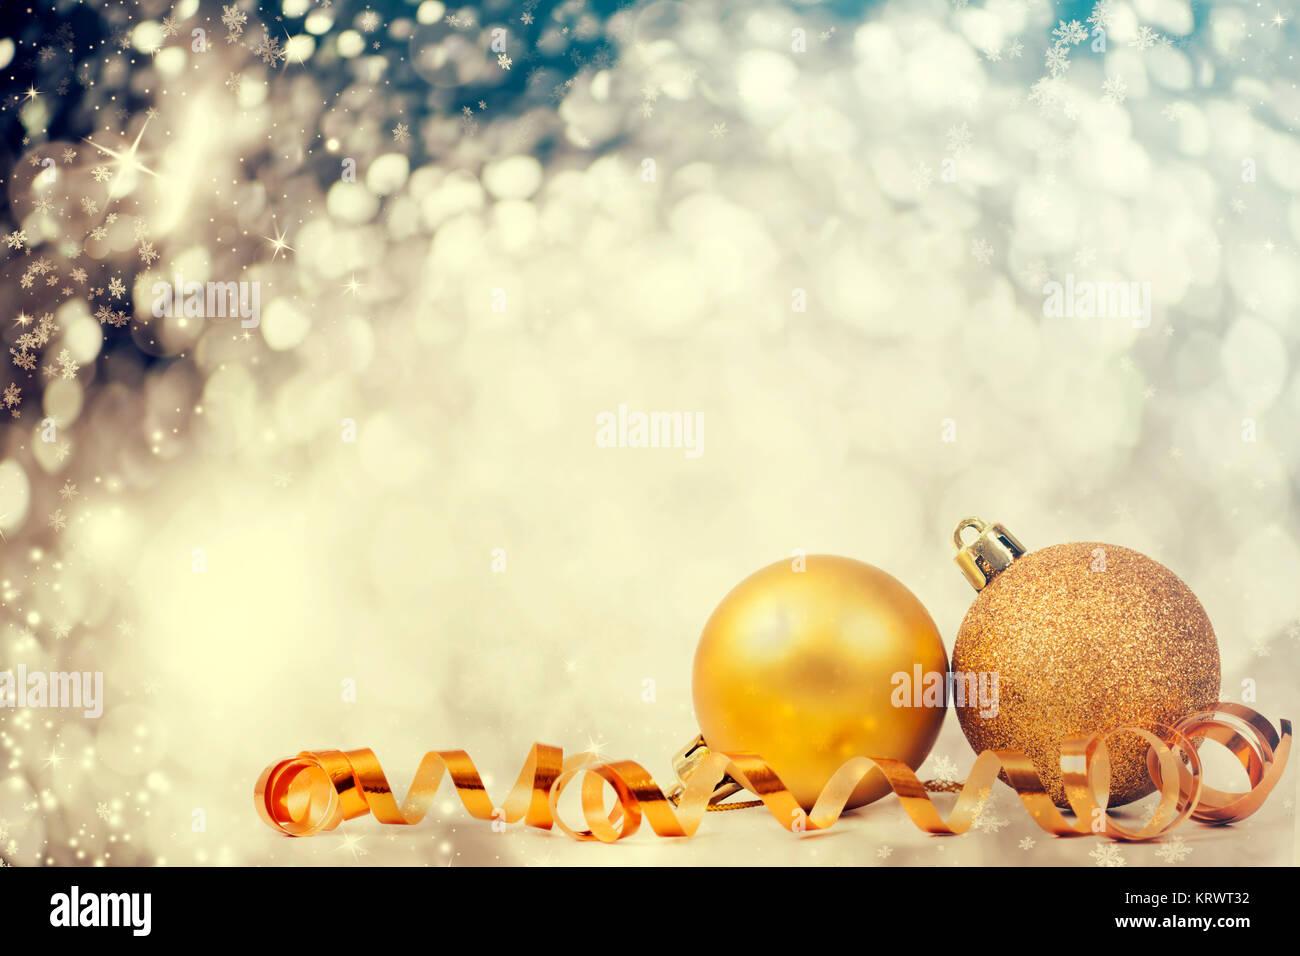 Closeup on Chrismas balls - Stock Image